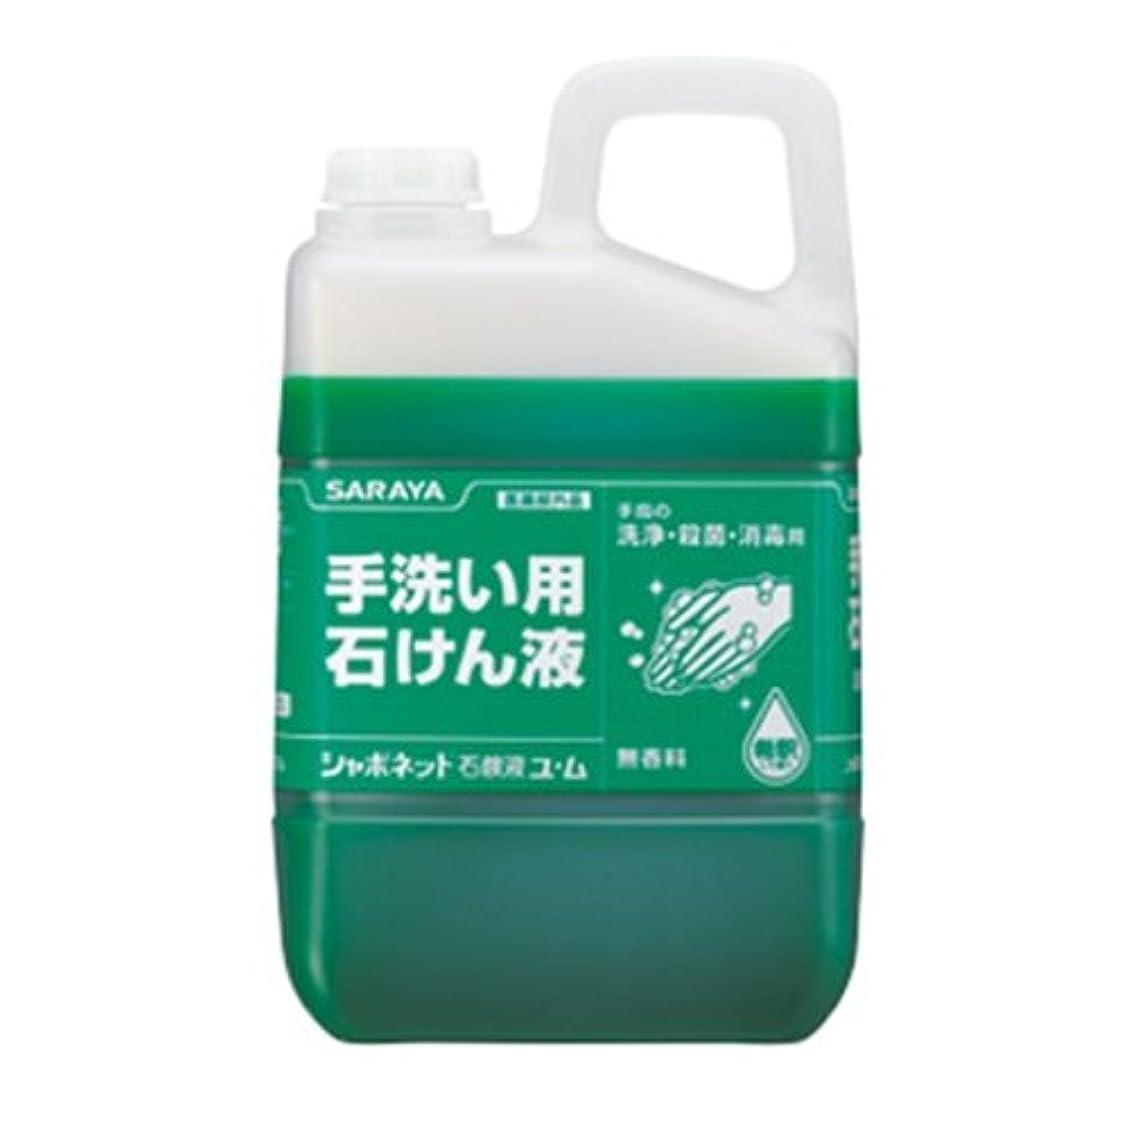 大佐同意細胞【ケース販売】30831 手洗い用石けん液 シャボネット石鹸液ユ?ム 3kg×3個